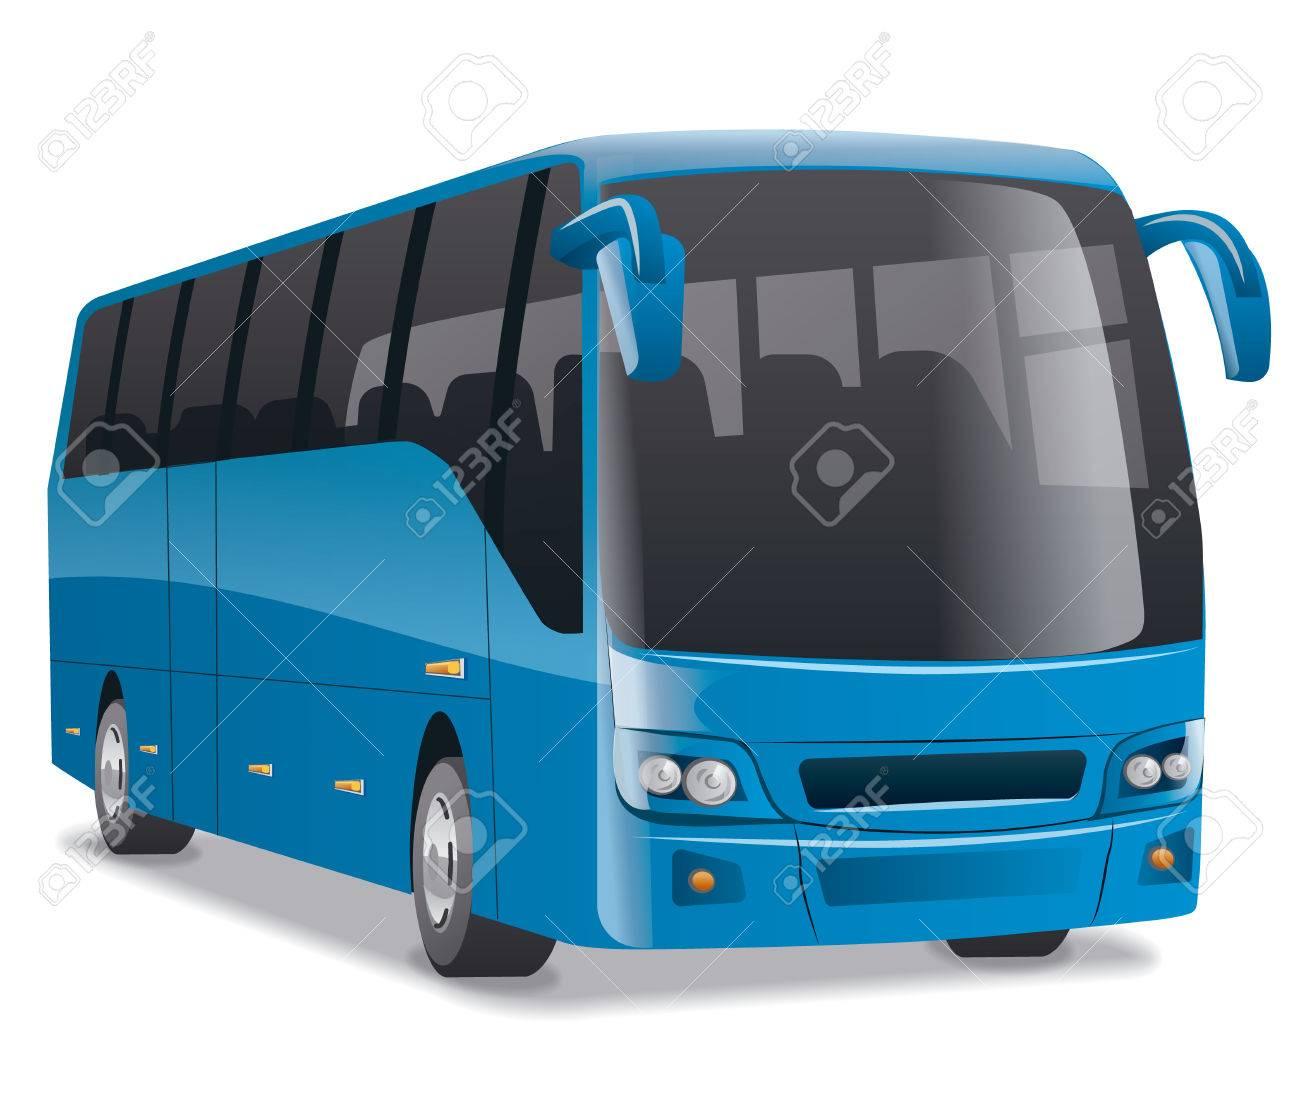 Vettoriale - Autobus Blu Della Città Image 55365883.